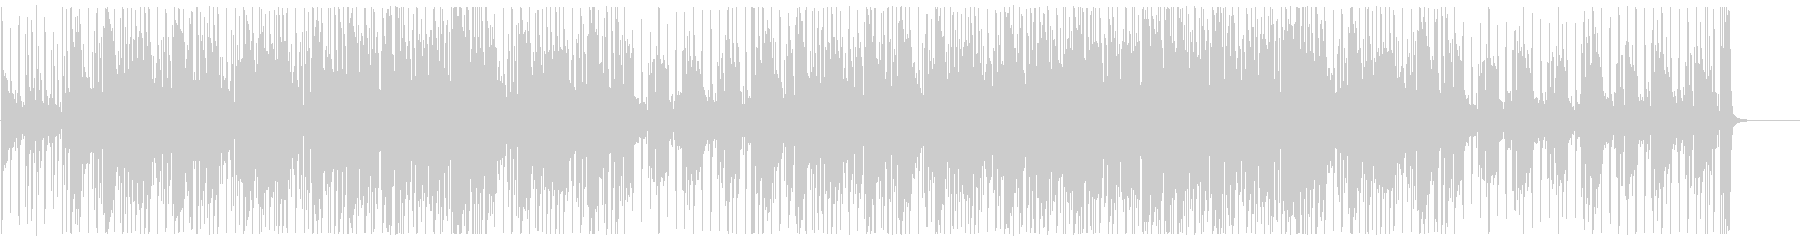 ガムランが旋律のアジアンテイストファンクの未再生の波形